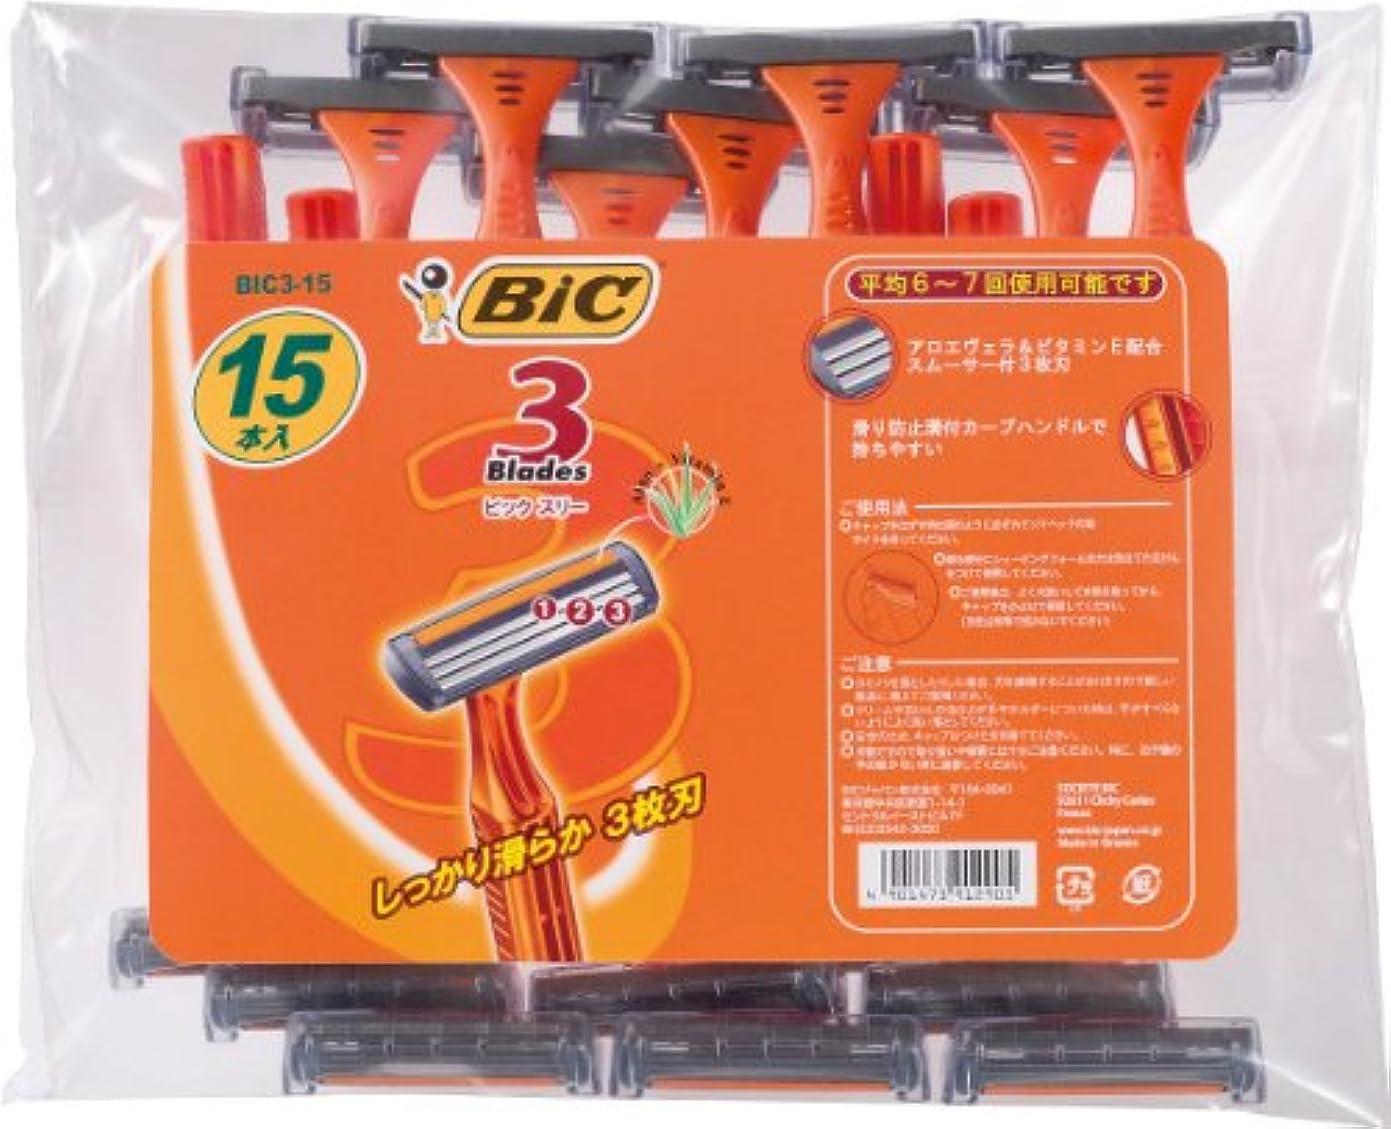 束ねる三エキスビック BIC BIC3 3枚刃 使い捨てカミソリ シェーバー ひげそり ディスポ 15本入